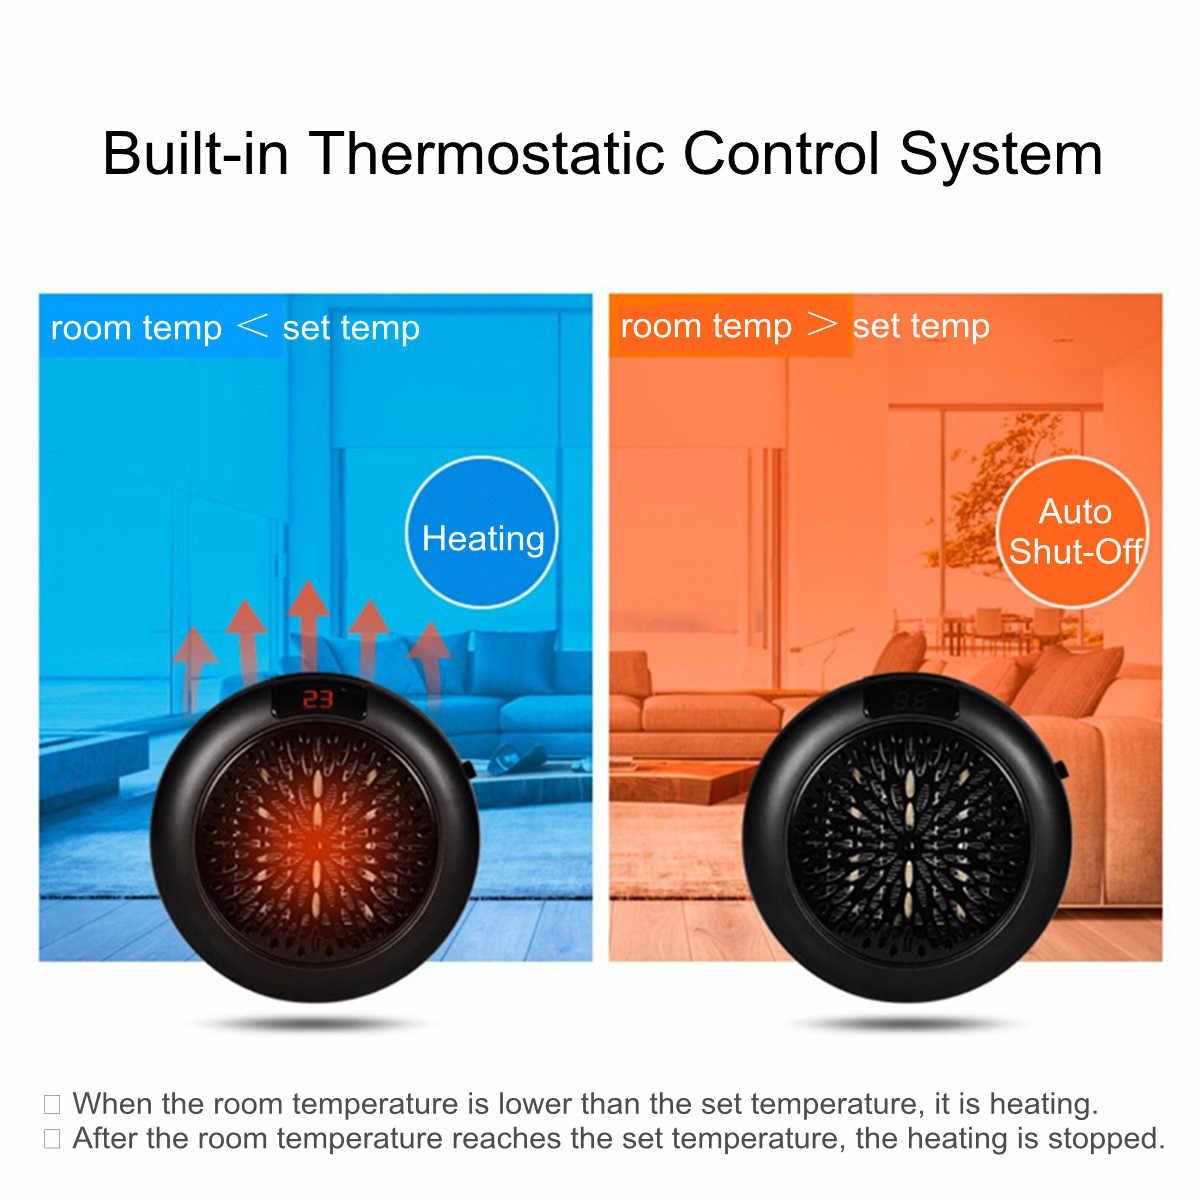 Chauffage électrique Mini ventilateur chauffage bureau ménage mur pratique chauffage poêle radiateur hiver corps plus chaud céramique Machine 900W